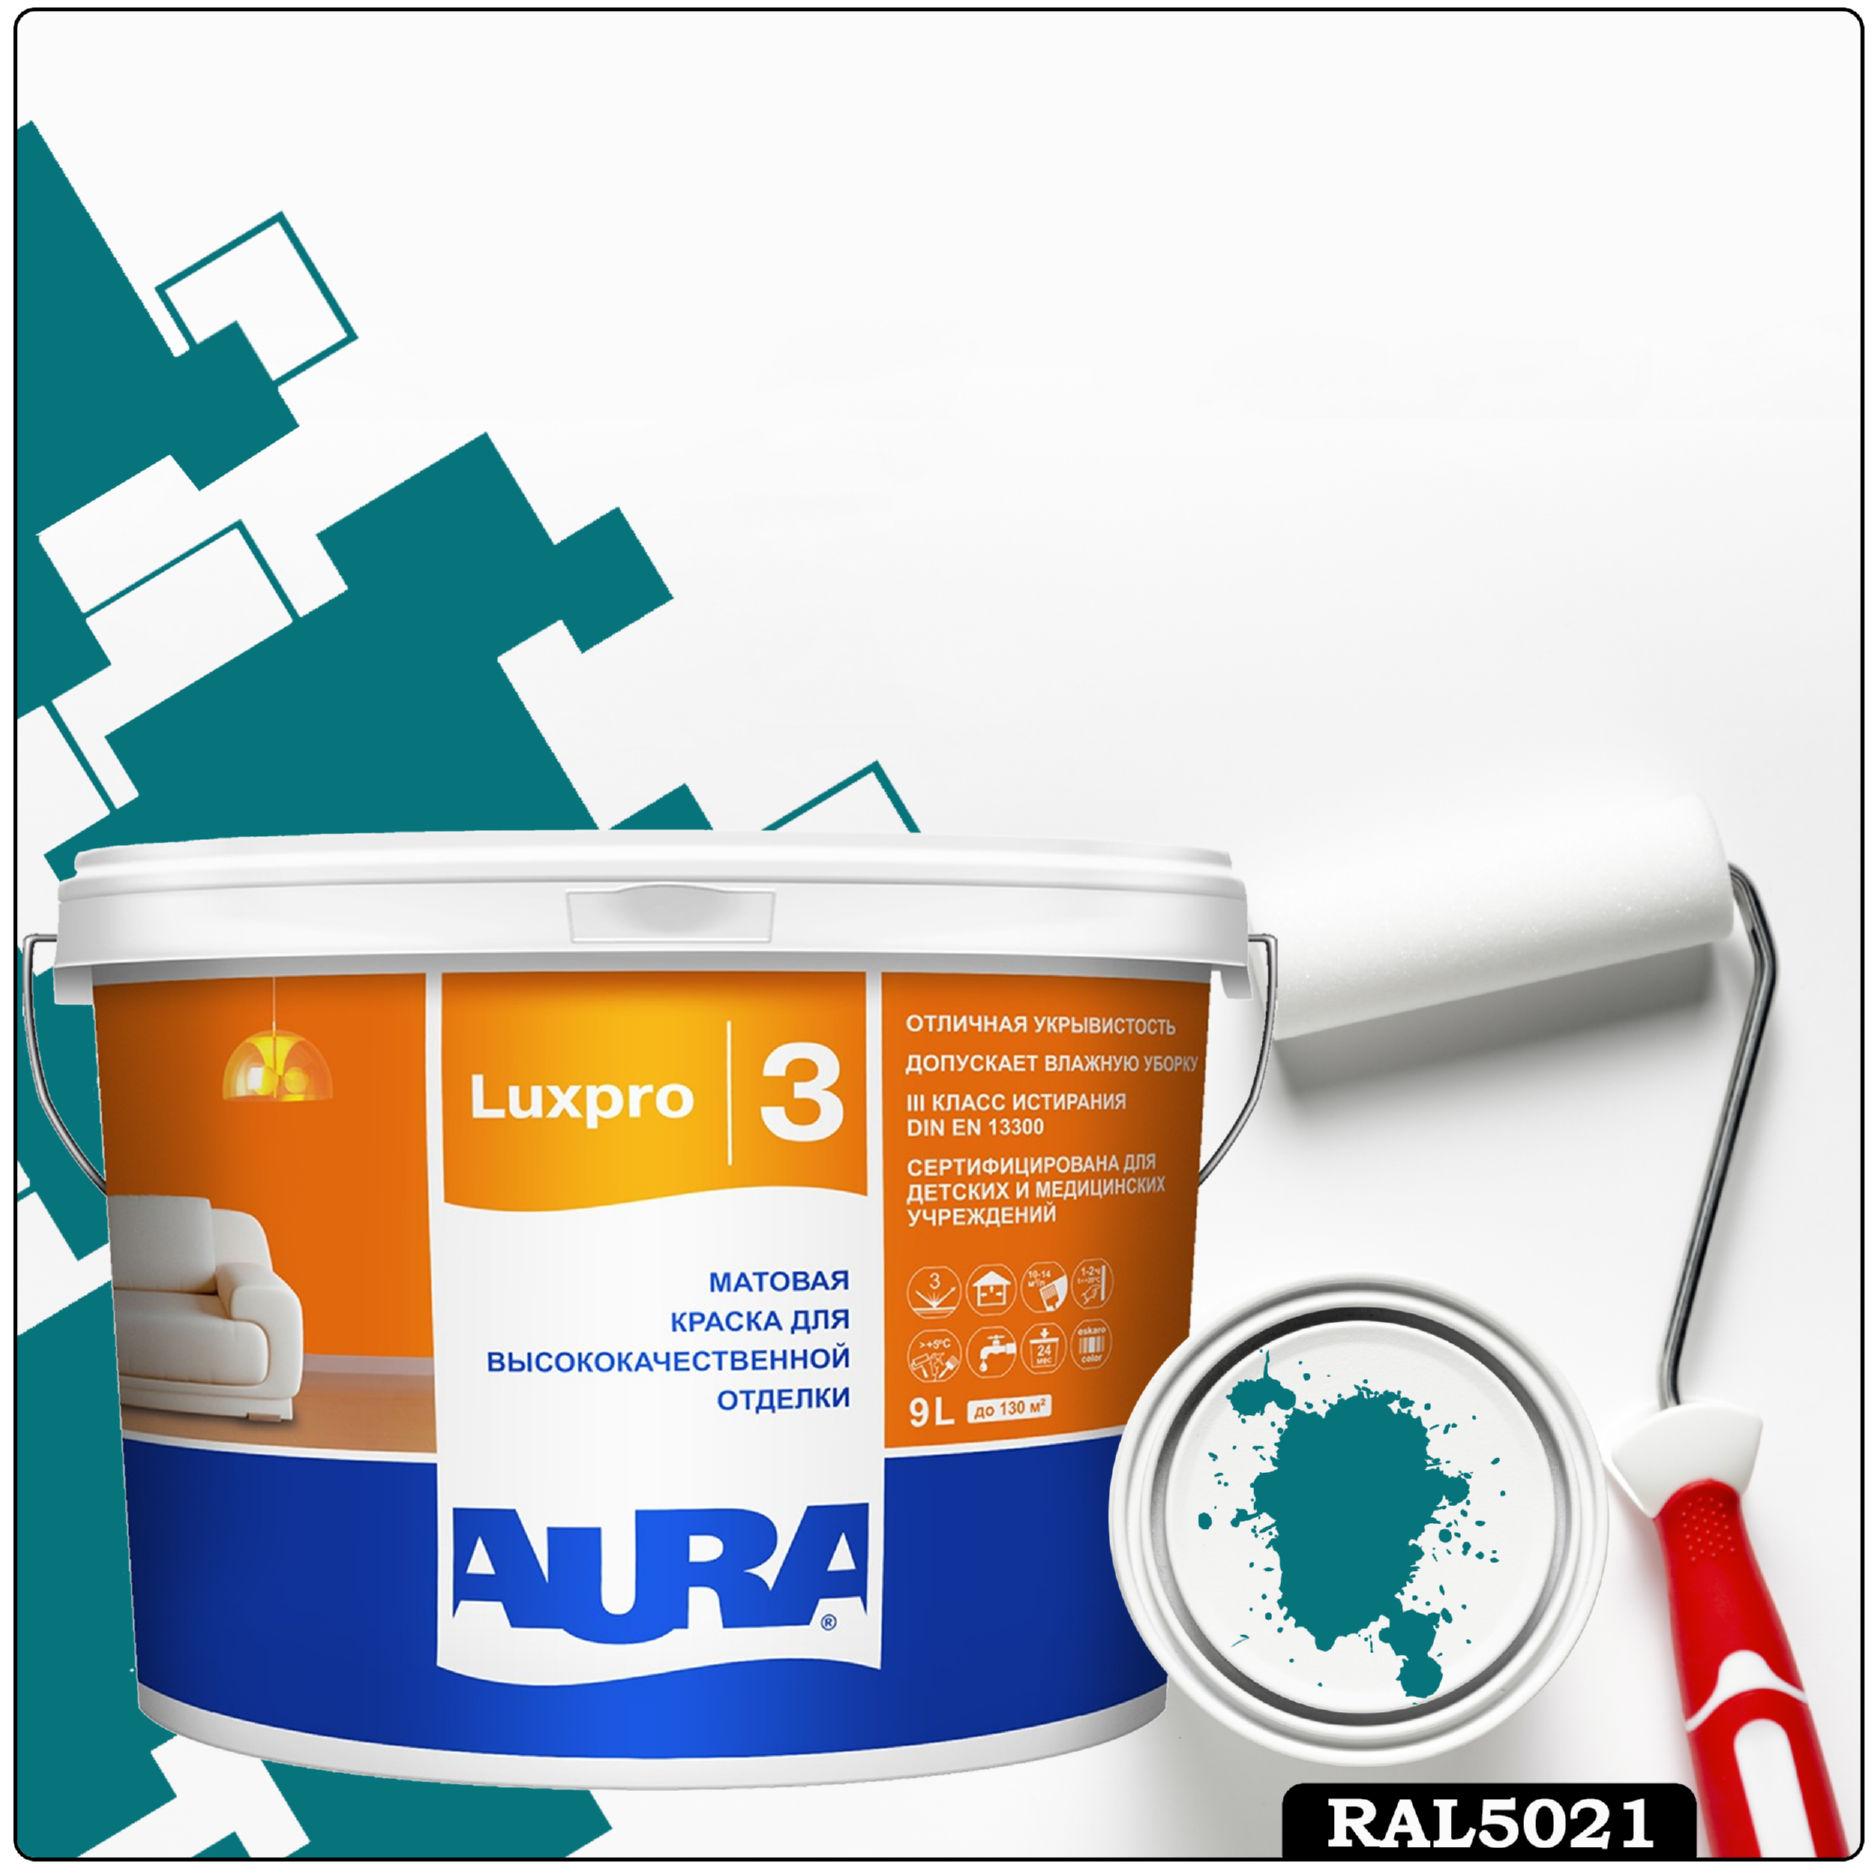 Фото 20 - Краска Aura LuxPRO 3, RAL 5021 Водянисто-синий, латексная, шелково-матовая, интерьерная, 9л, Аура.